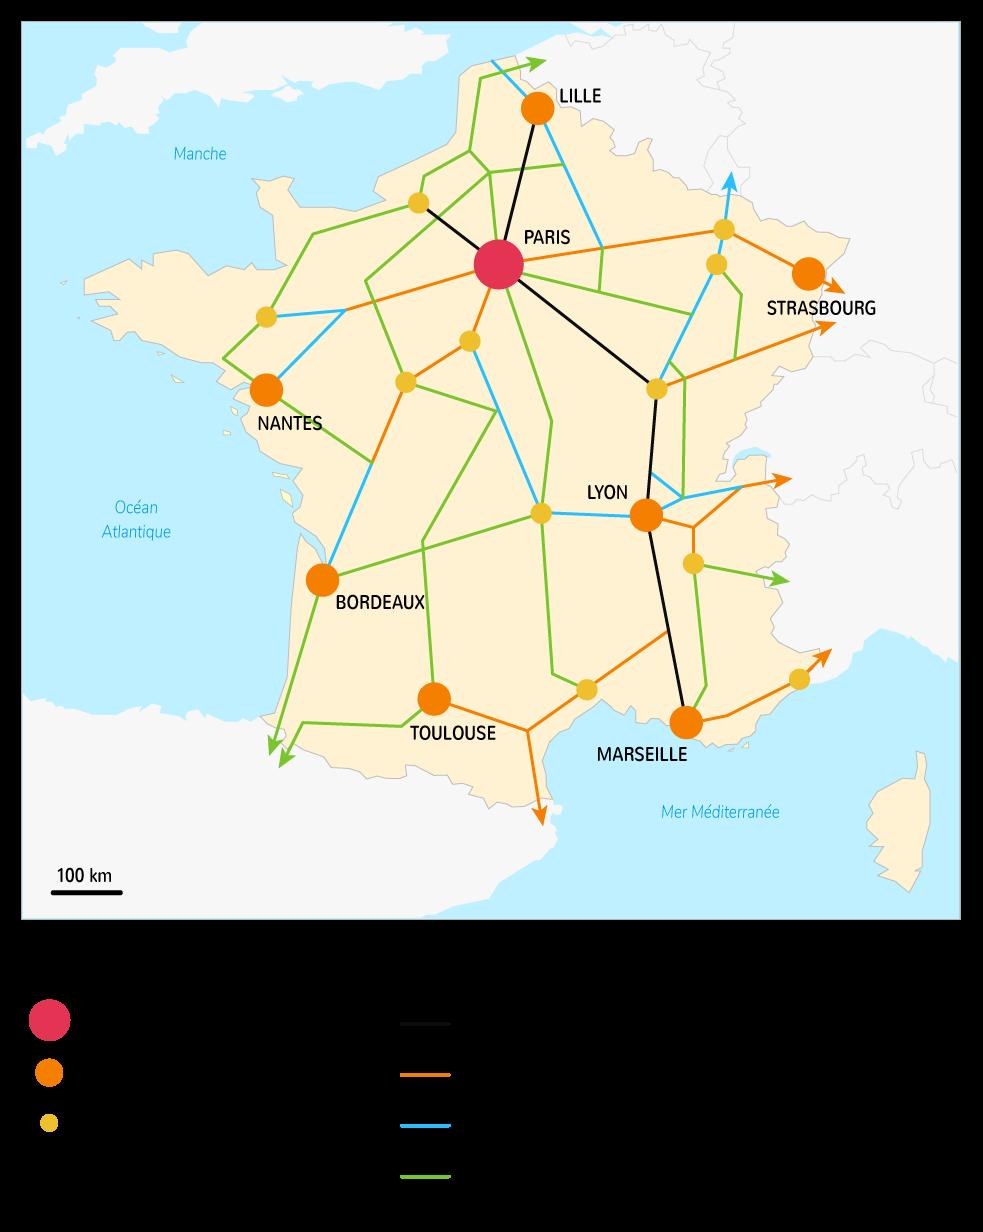 La construction du réseau autoroutier en France